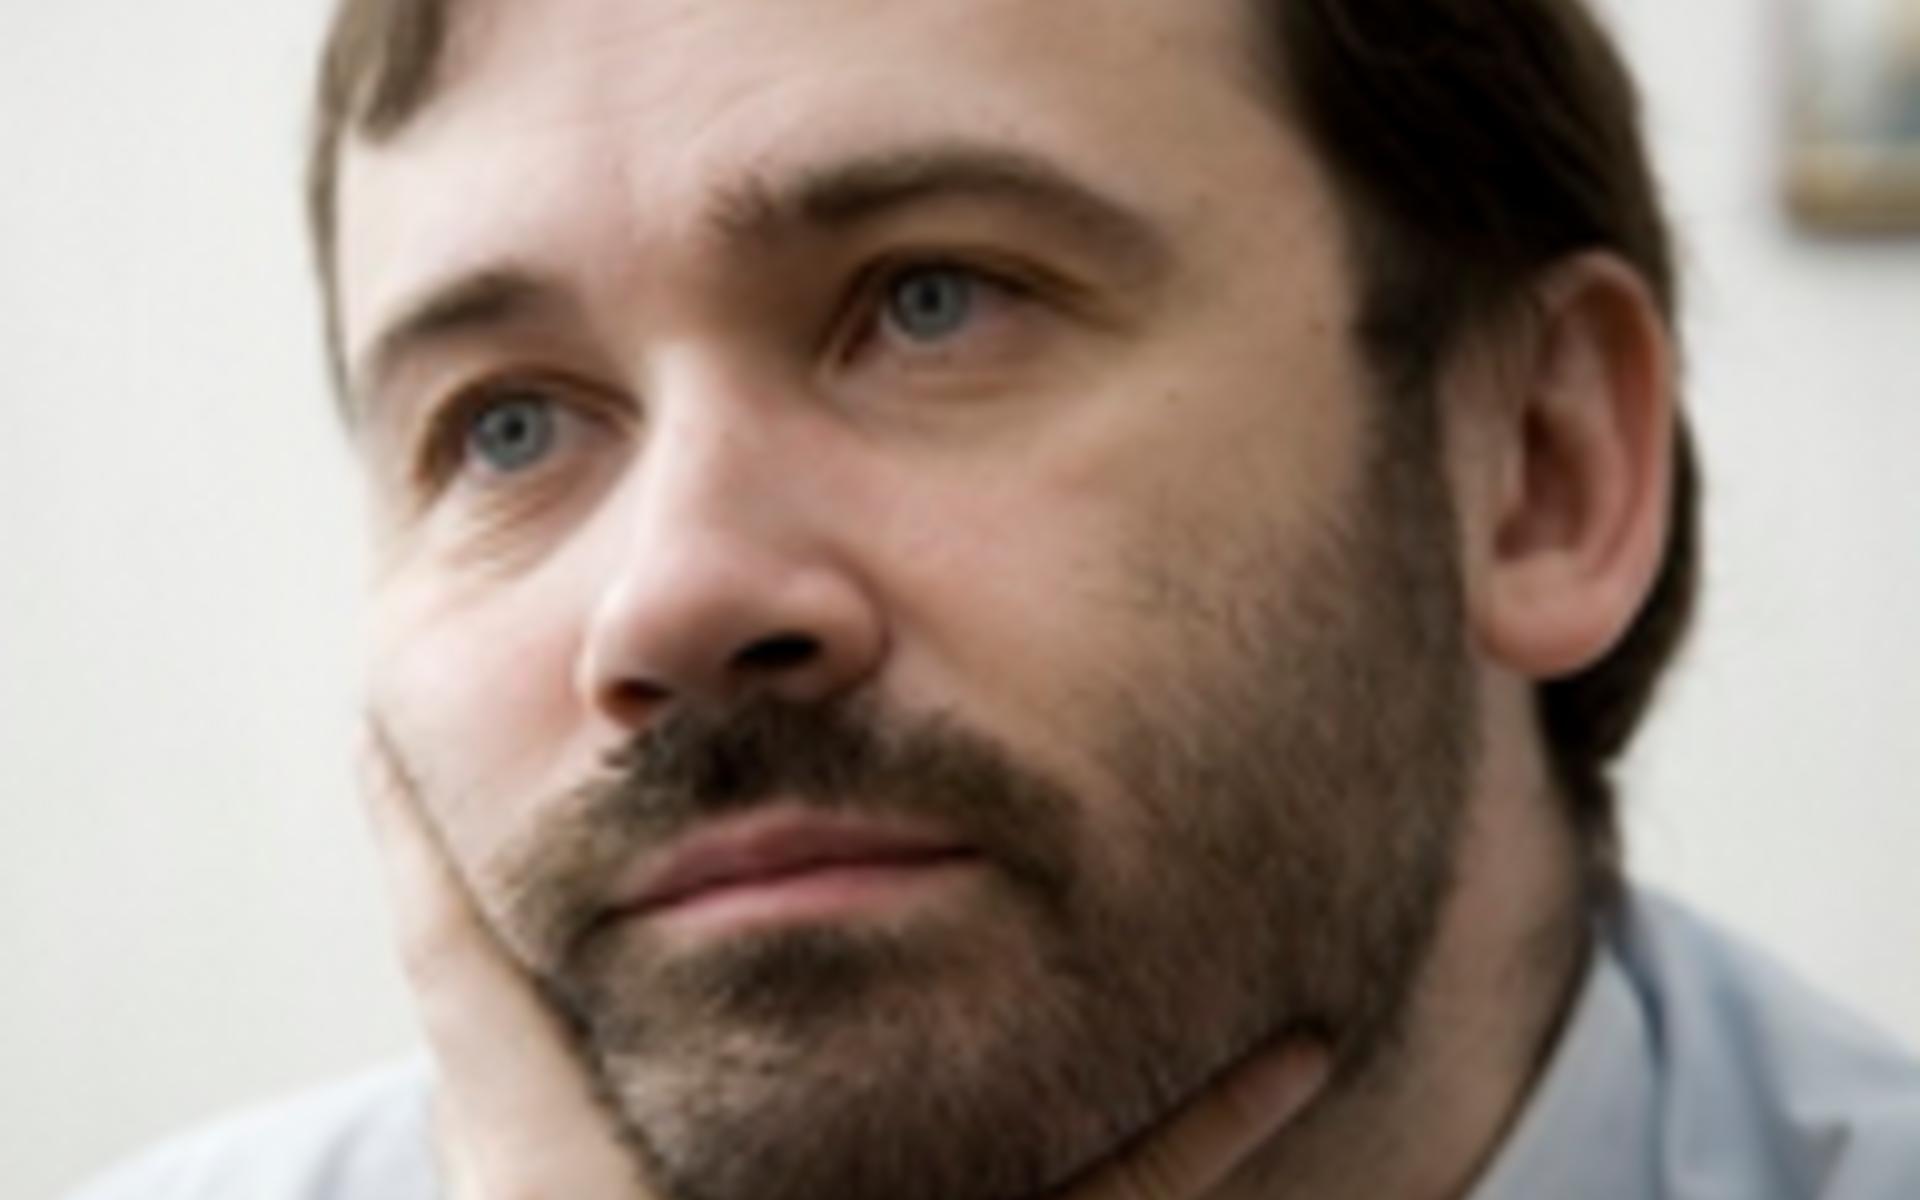 Депутат Госдумы Илья ПОНОМАРЕВ  «Сурков — это лучший вариант, потому что  Сурков — это Берия» aa7ea7f6da2